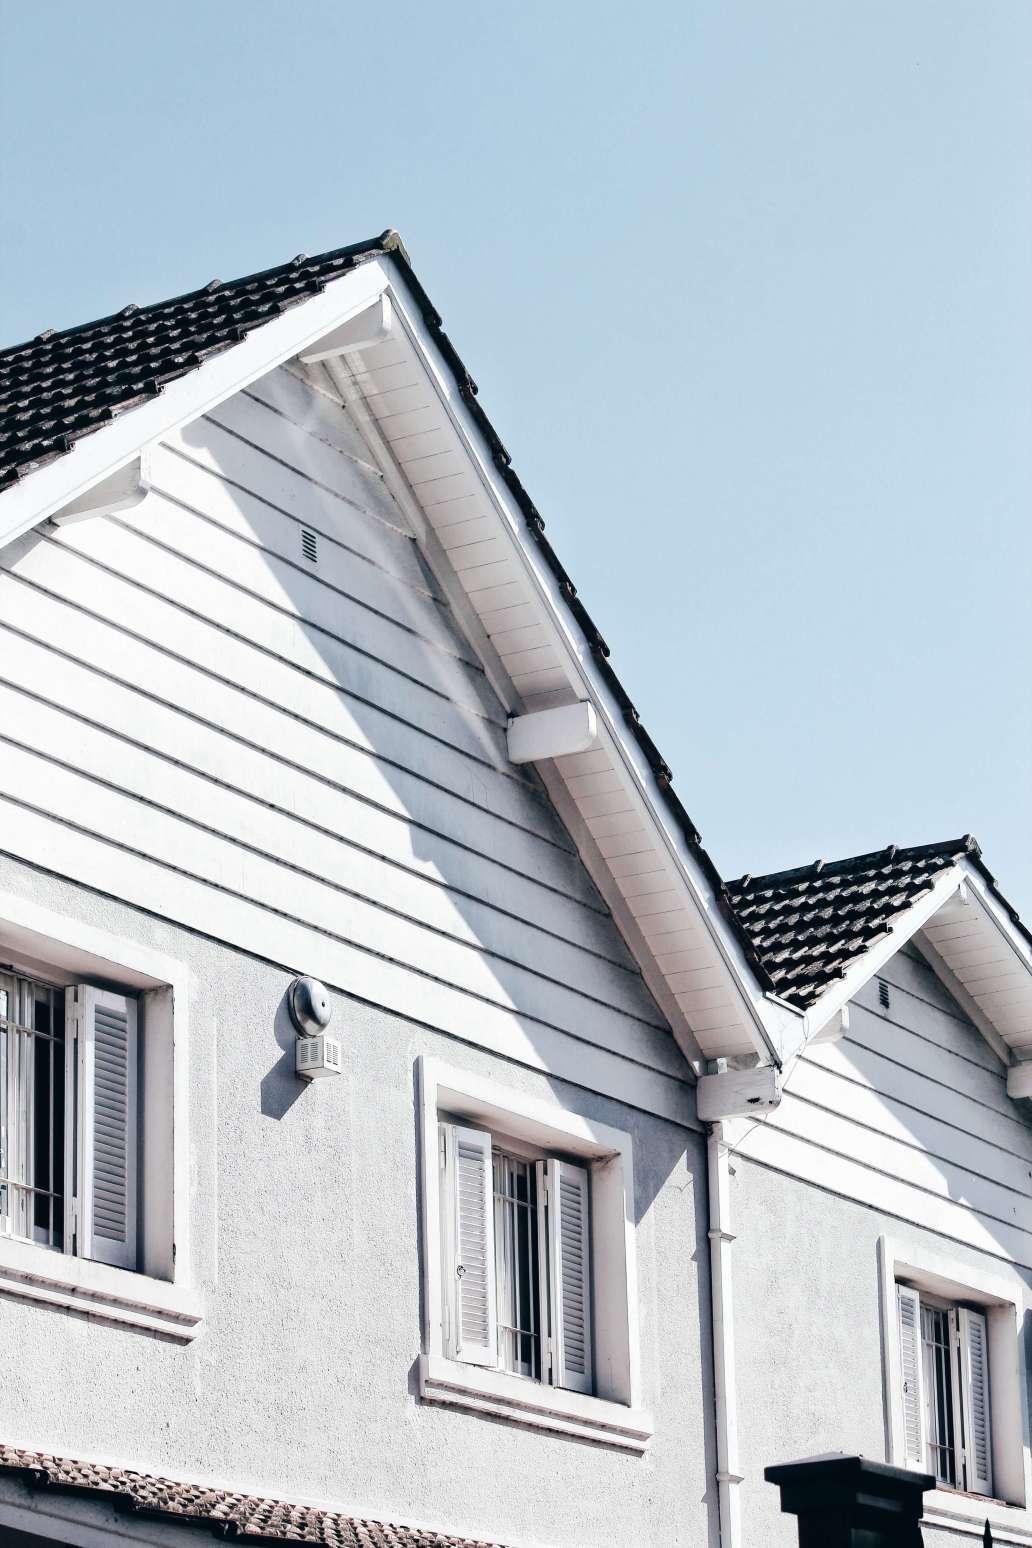 julian gentilezza ctUWE7BUEzE unsplash 2 1365x2048 - La rénovation de la toiture avant la vente immobilière